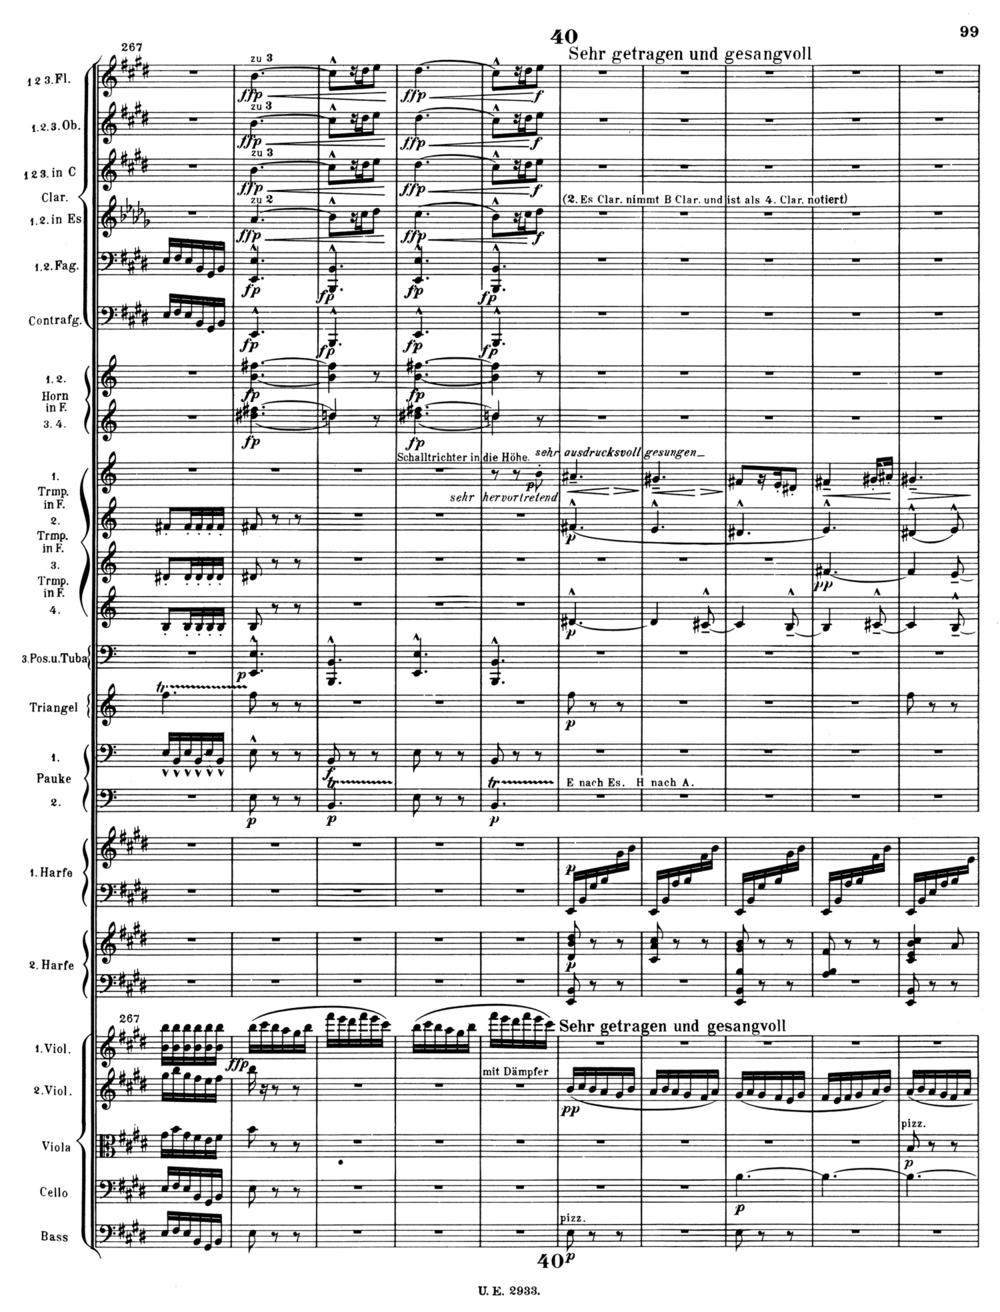 Mahler 2 Score 6.jpg